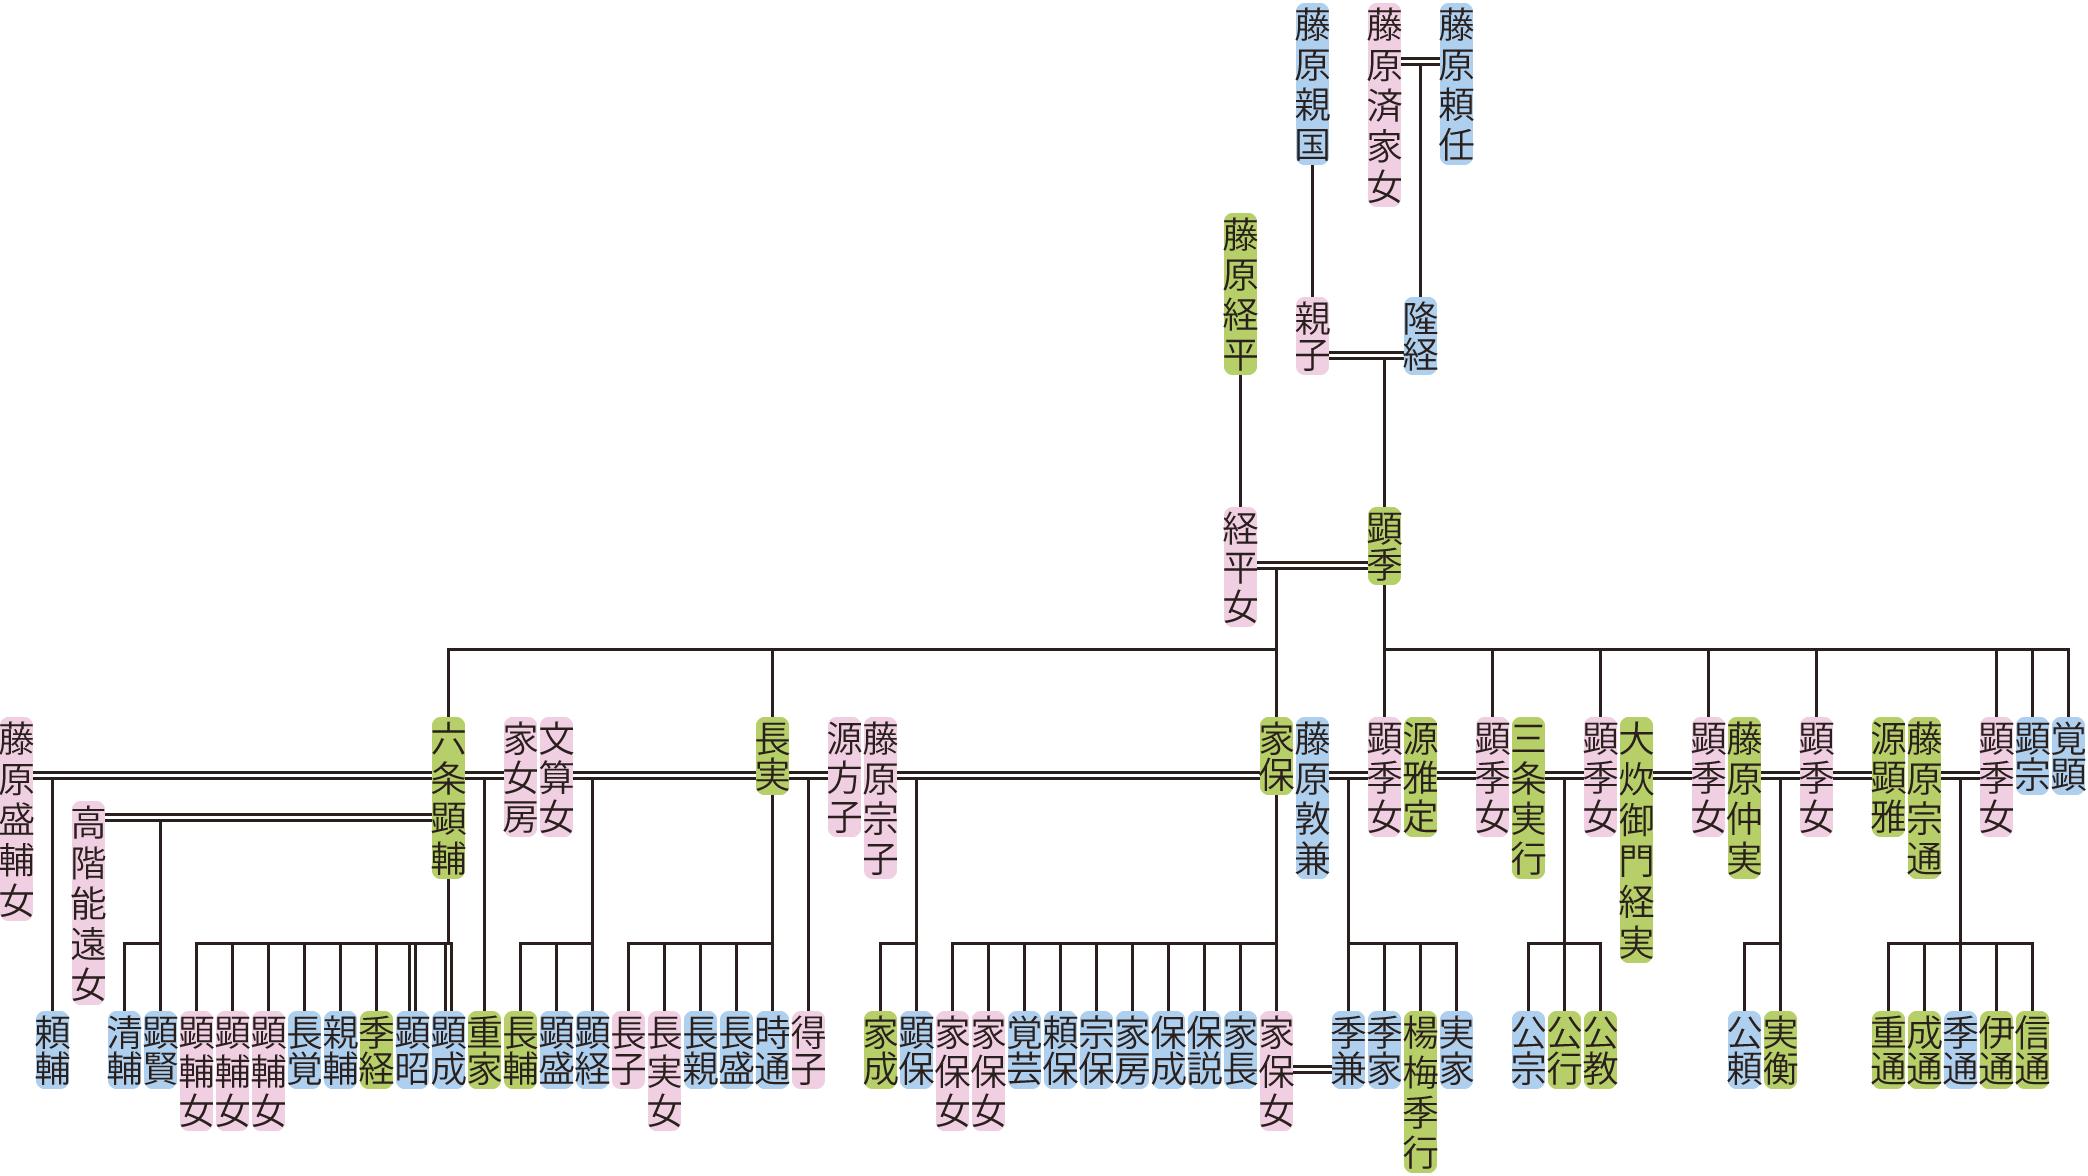 藤原顕季の系図